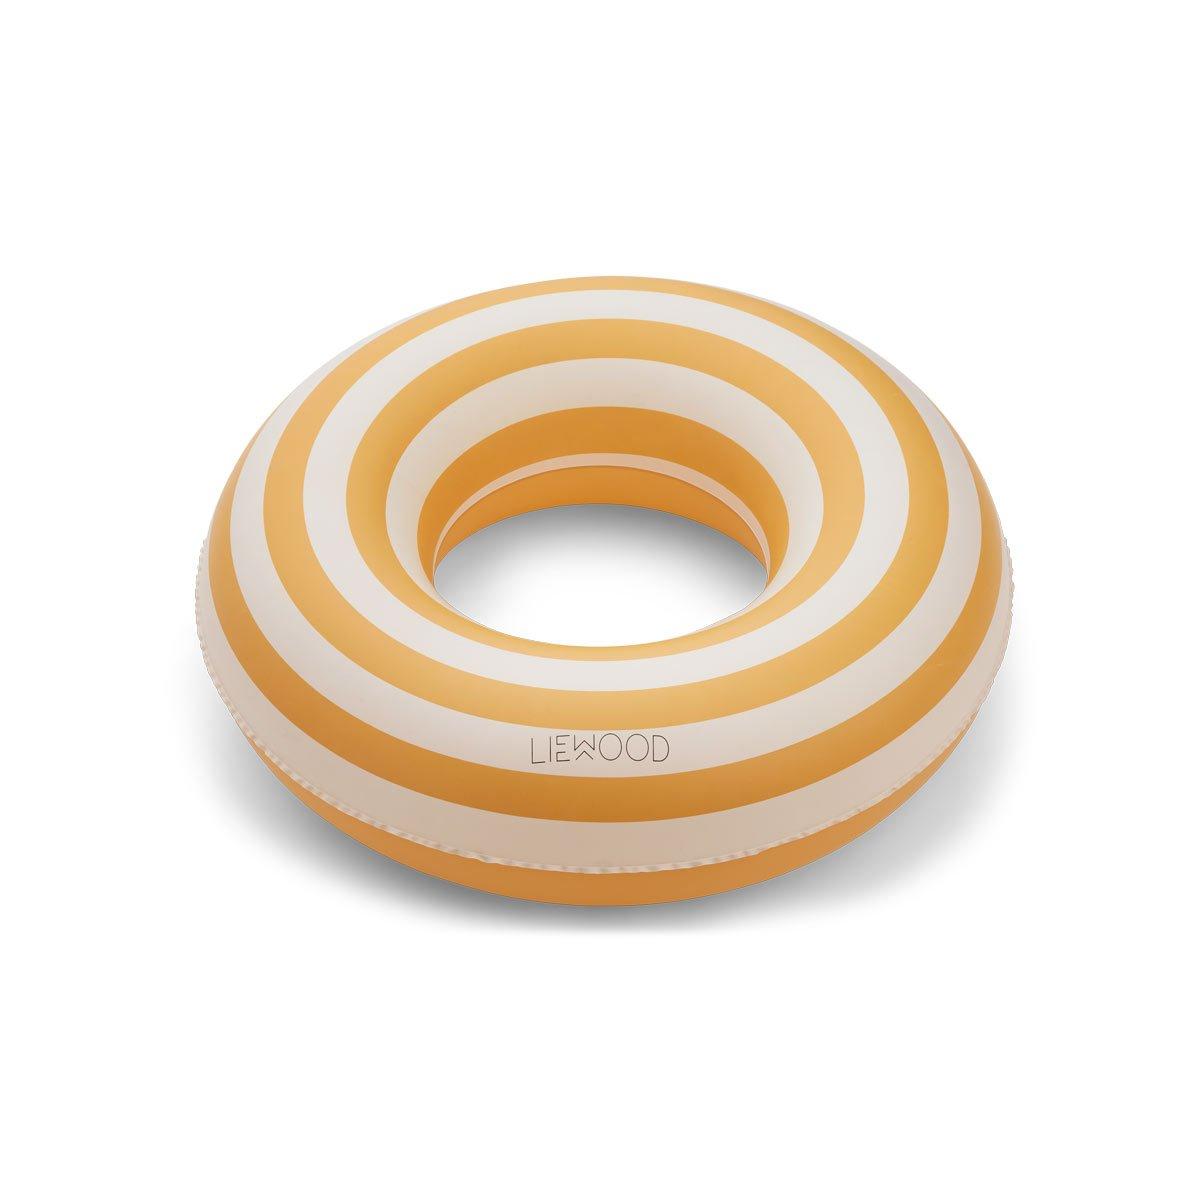 Baloo swim ring - Yellow mellow